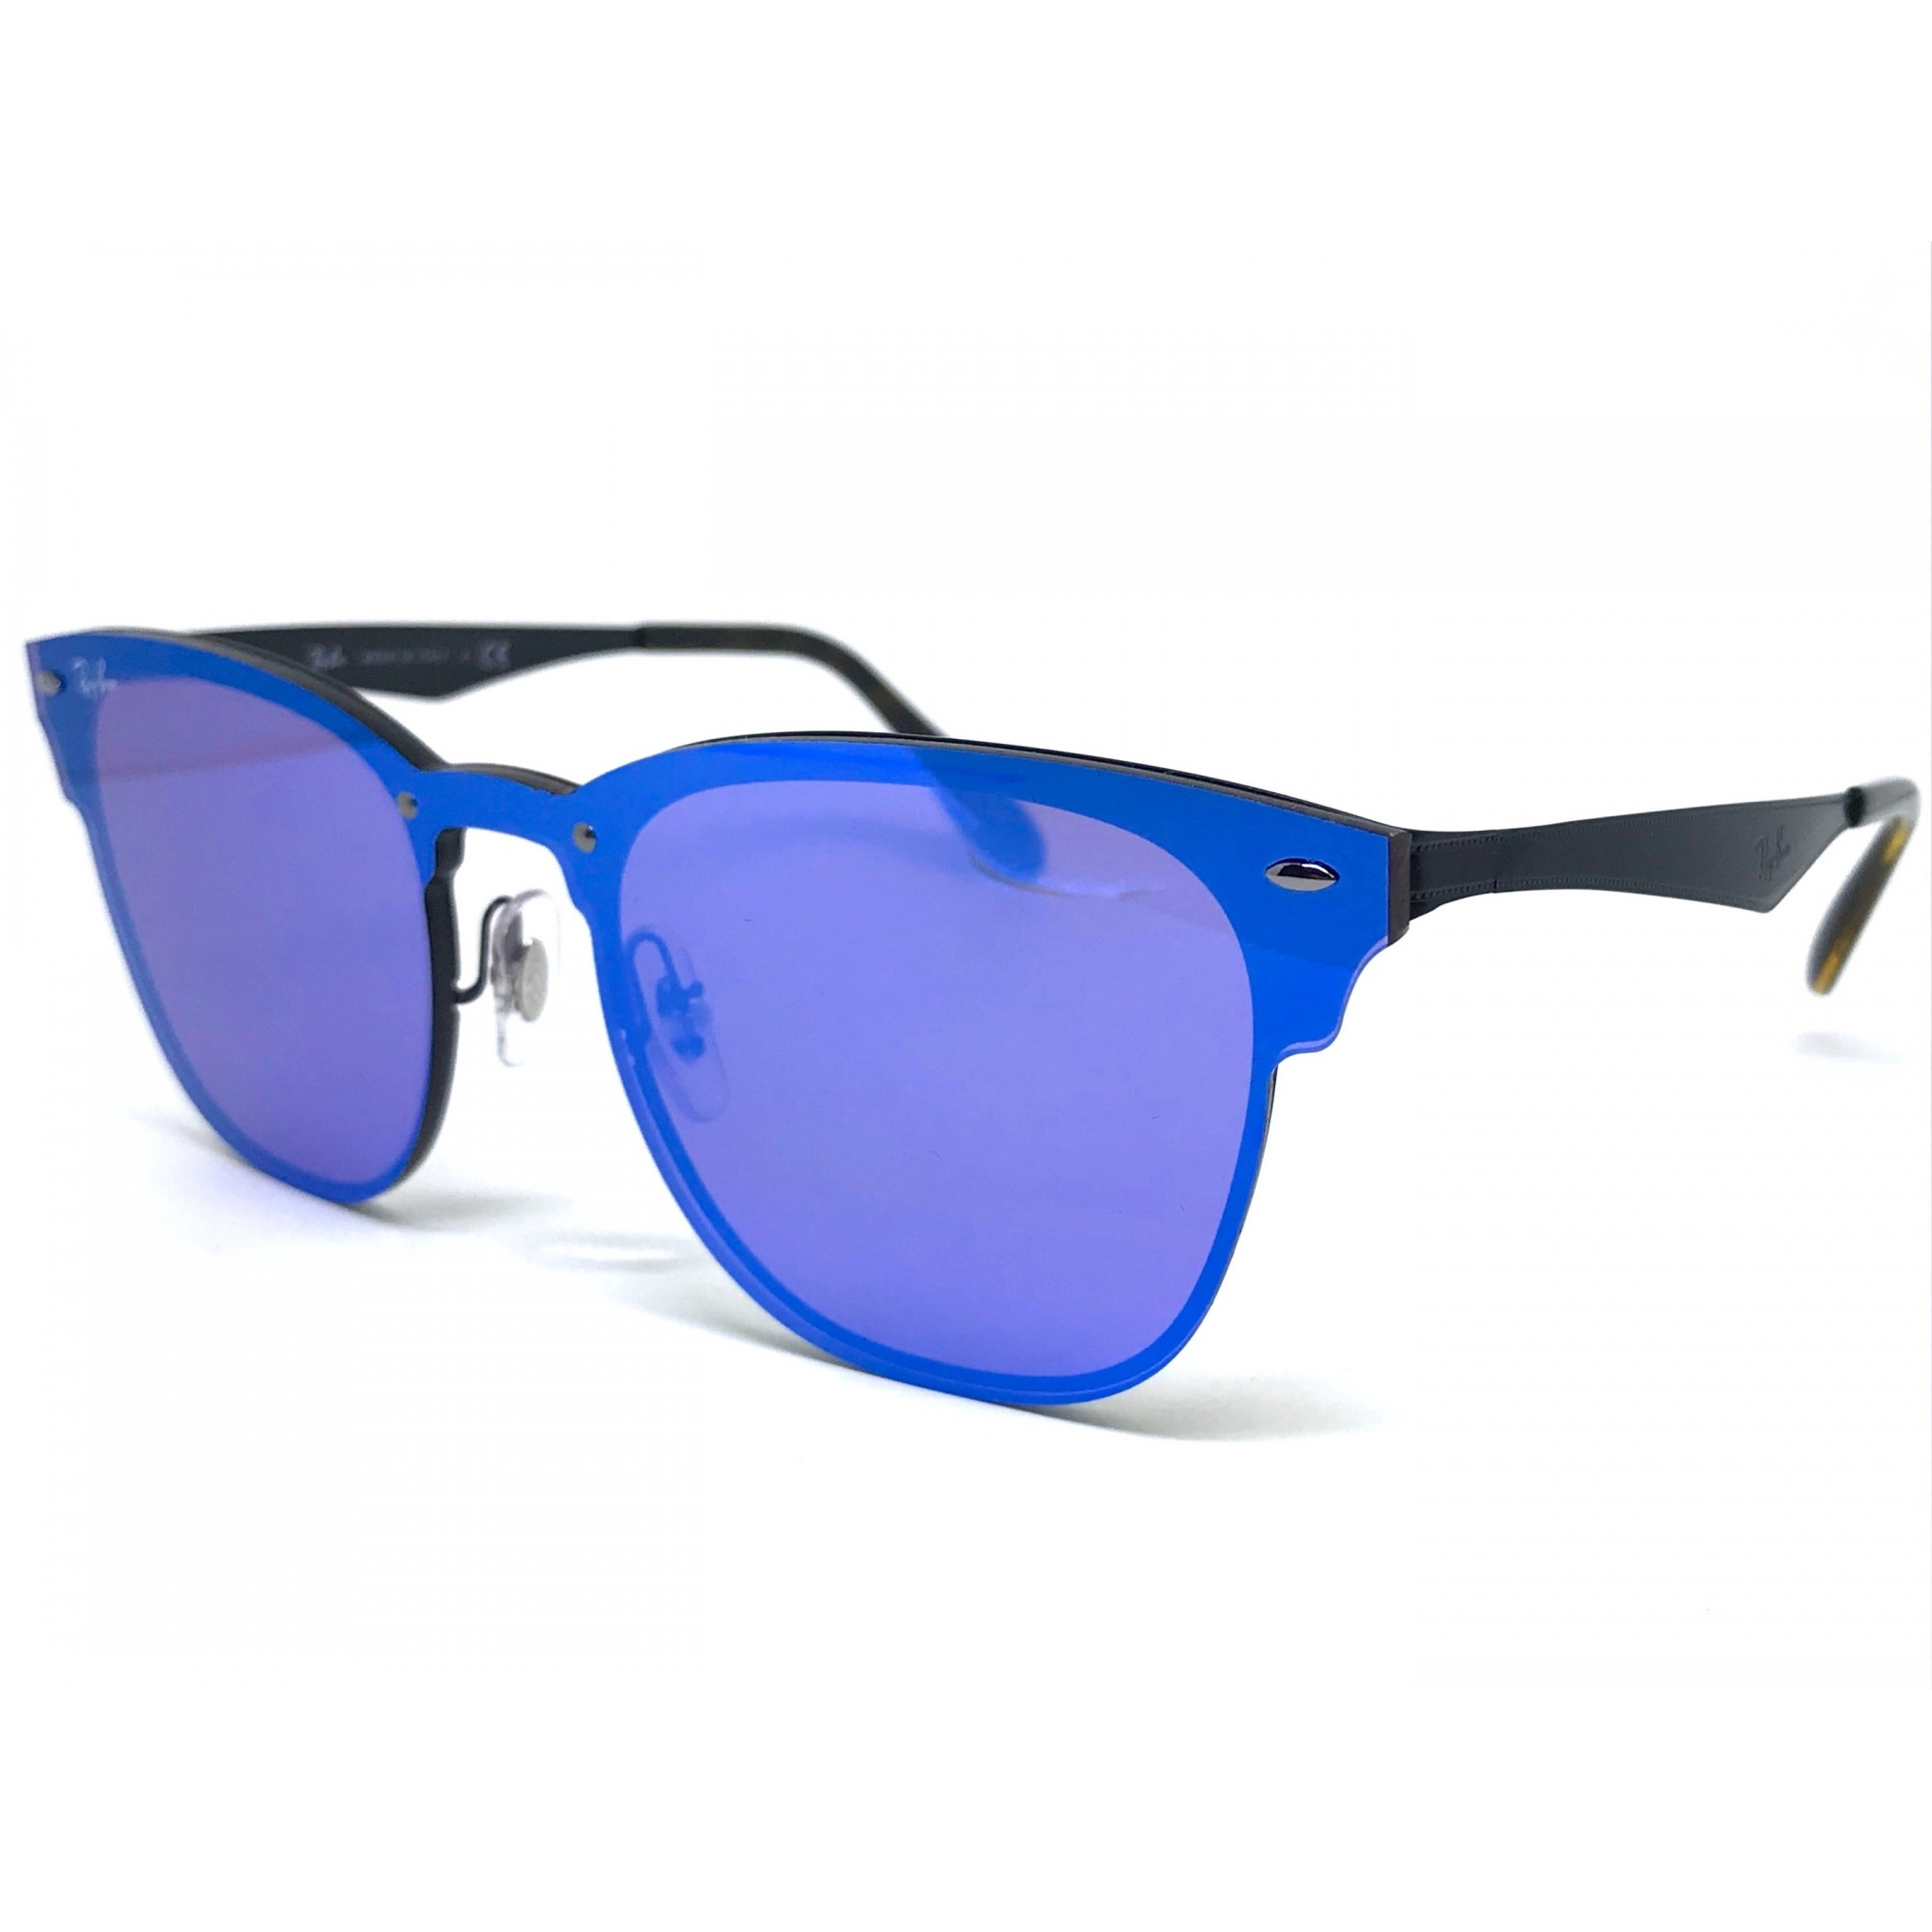 5e19fdc8f8dbd Oculos de sol RAY BAN Blaze Clubmaster RB3576N 153 7V 41